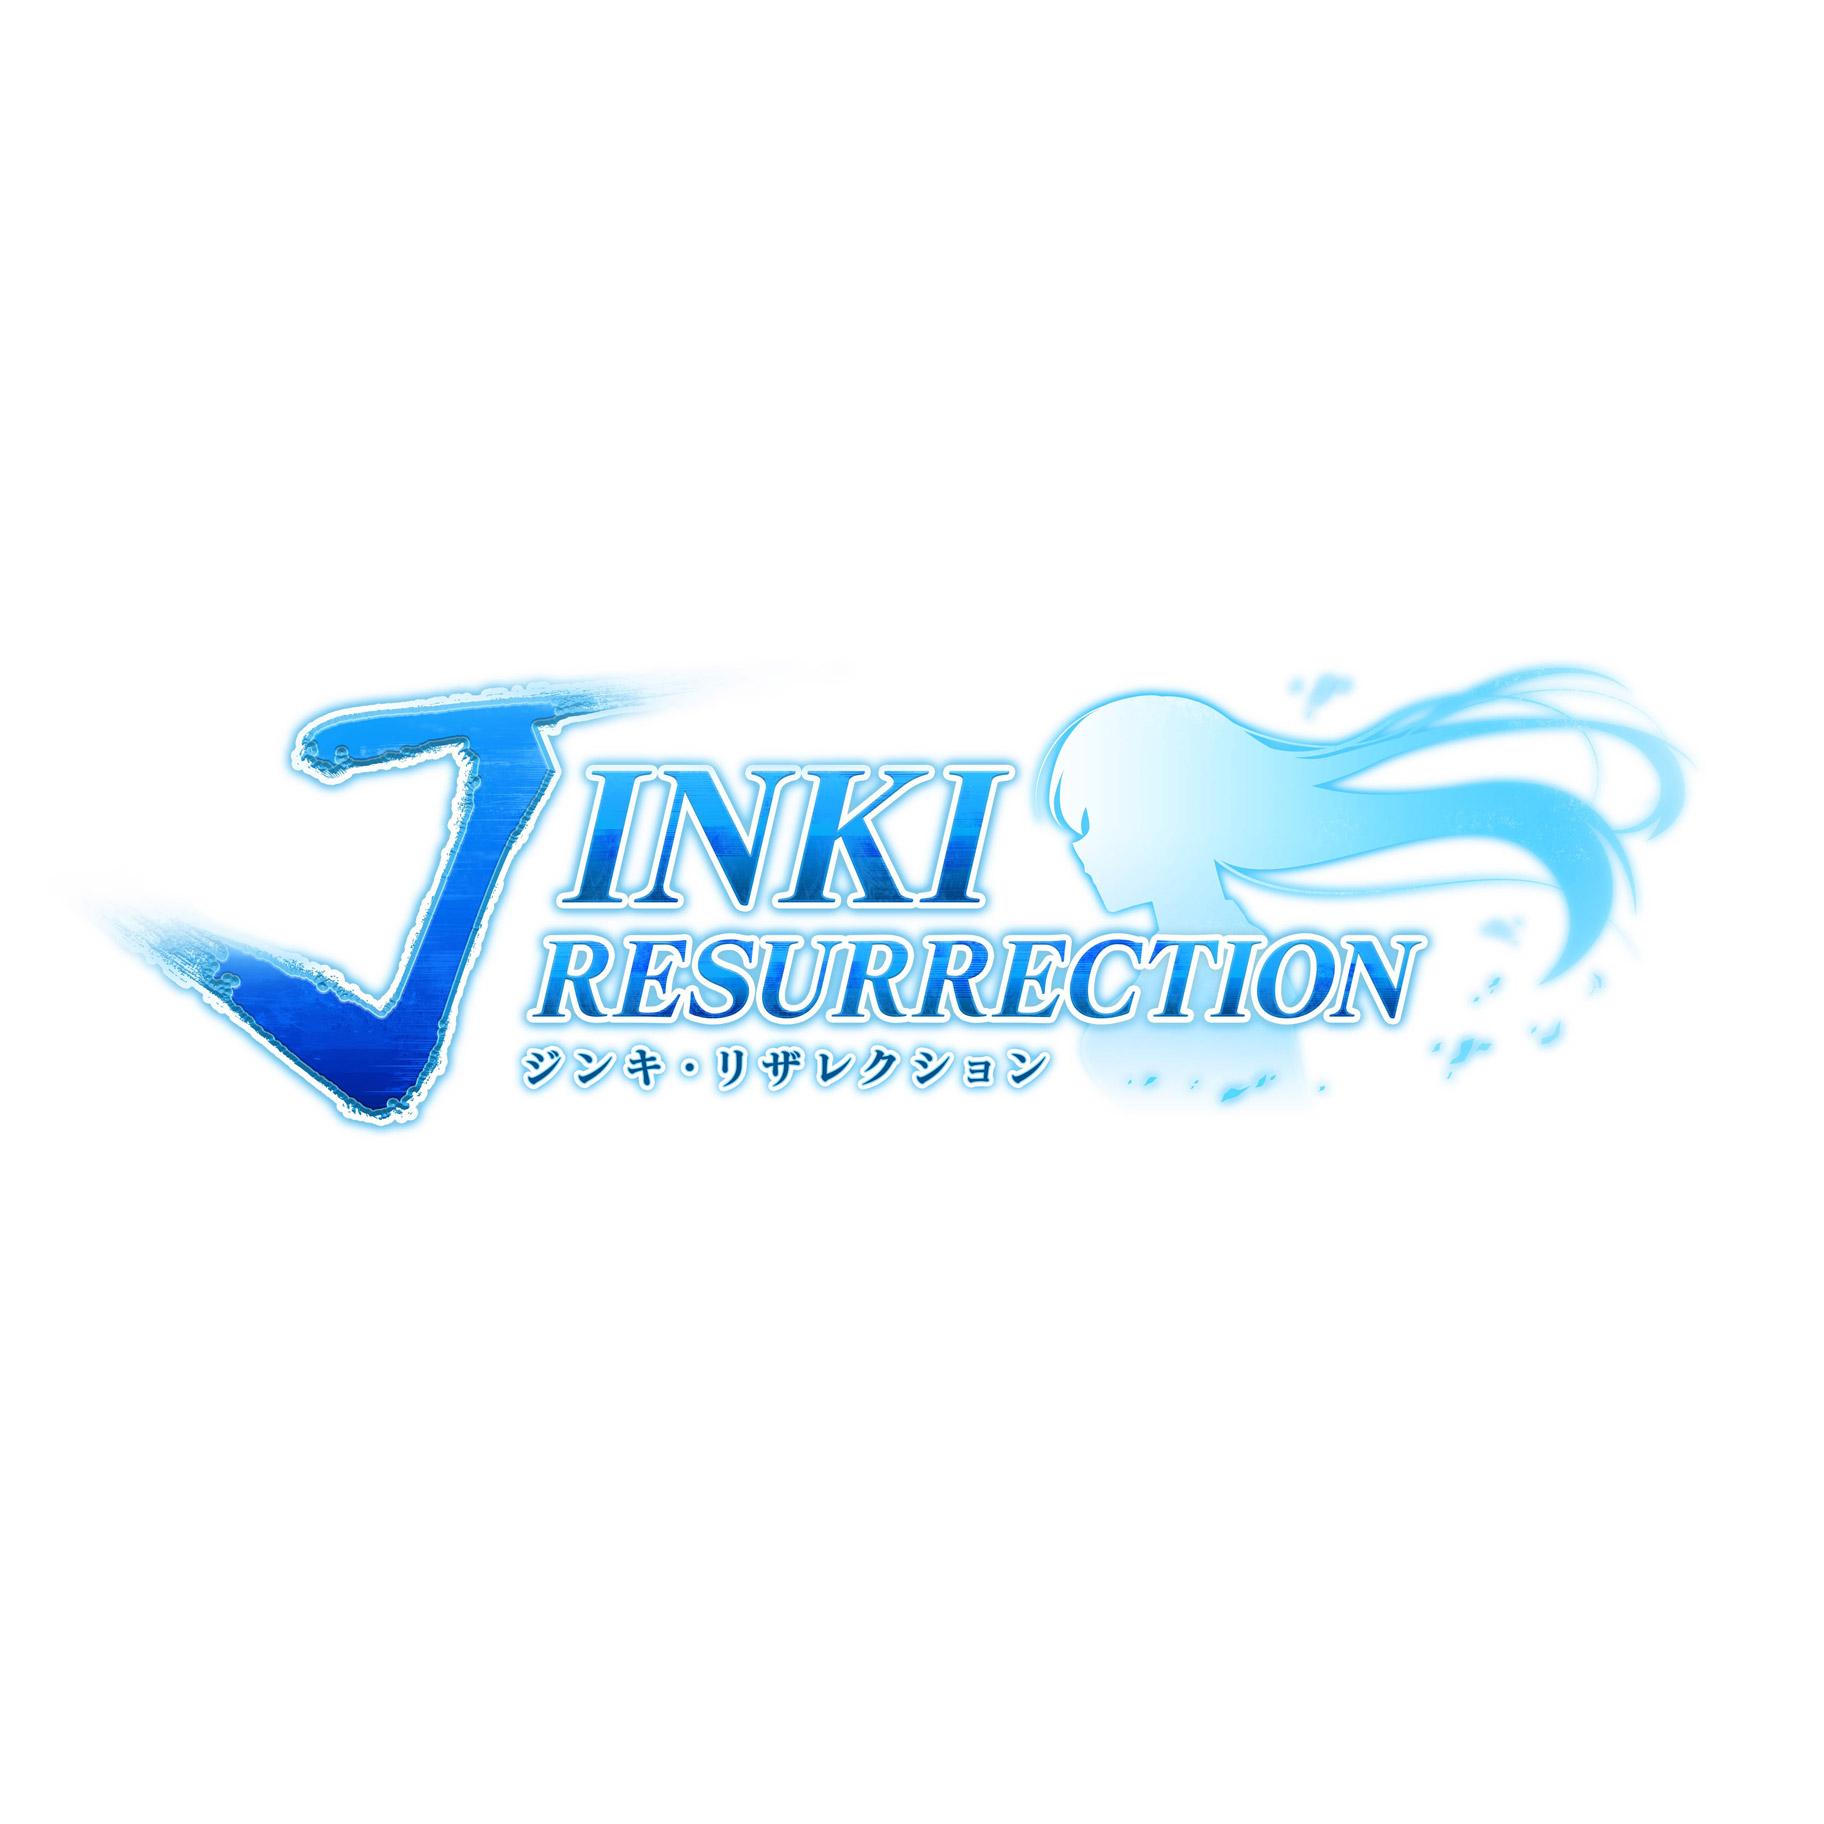 ジンキ・リザレクション 完全生産限定版 【Switchゲームソフト】_1